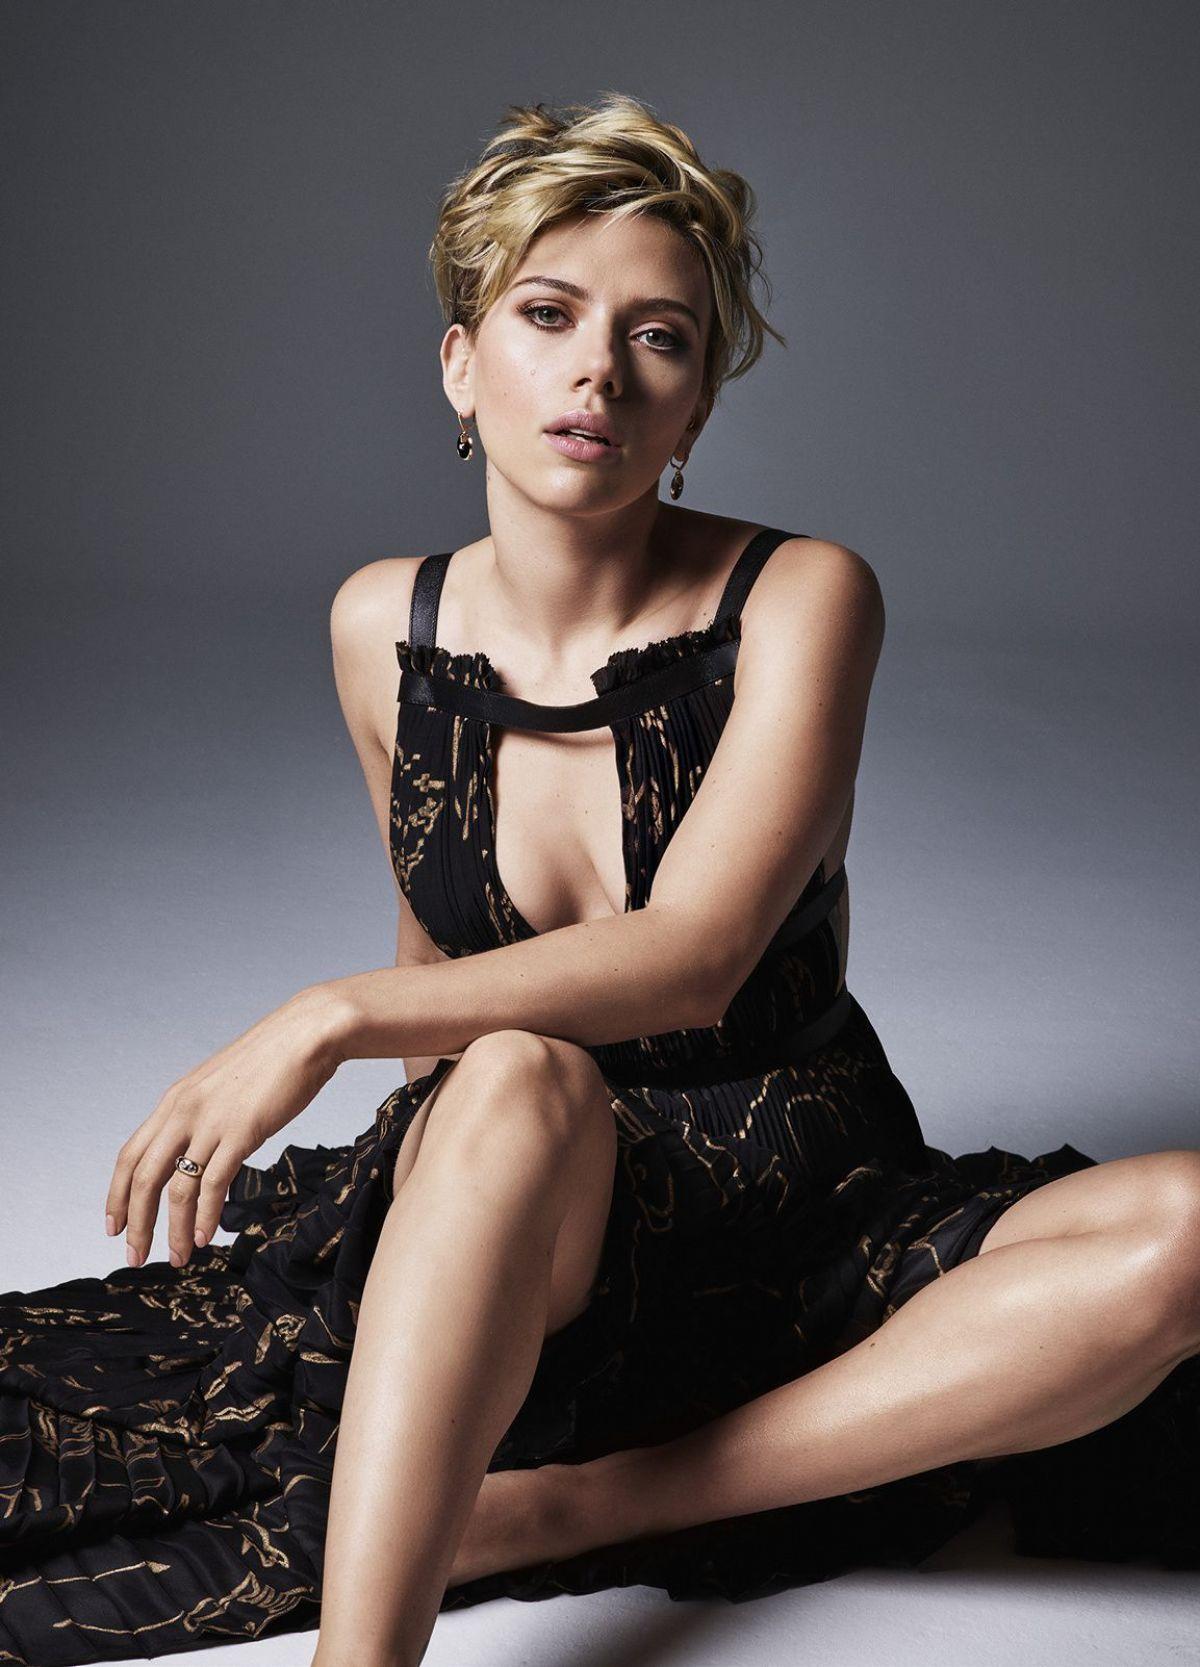 Celebrites Scarlett Johansson naked (59 photos), Topless, Hot, Twitter, cameltoe 2006